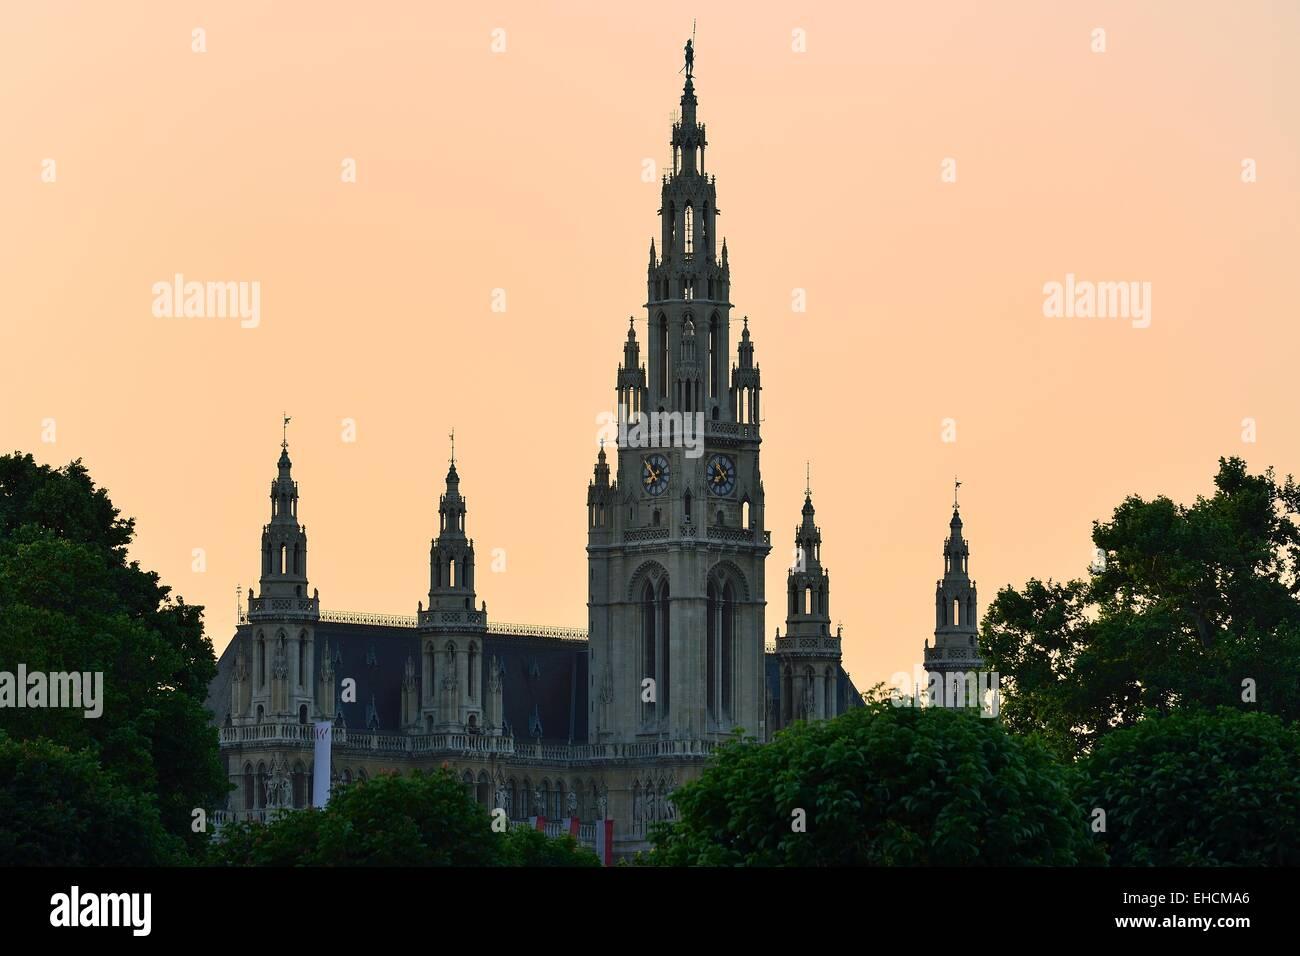 Rathaus im Abendlicht, Bezirk Innere Stadt, Wien, Österreich Stockbild